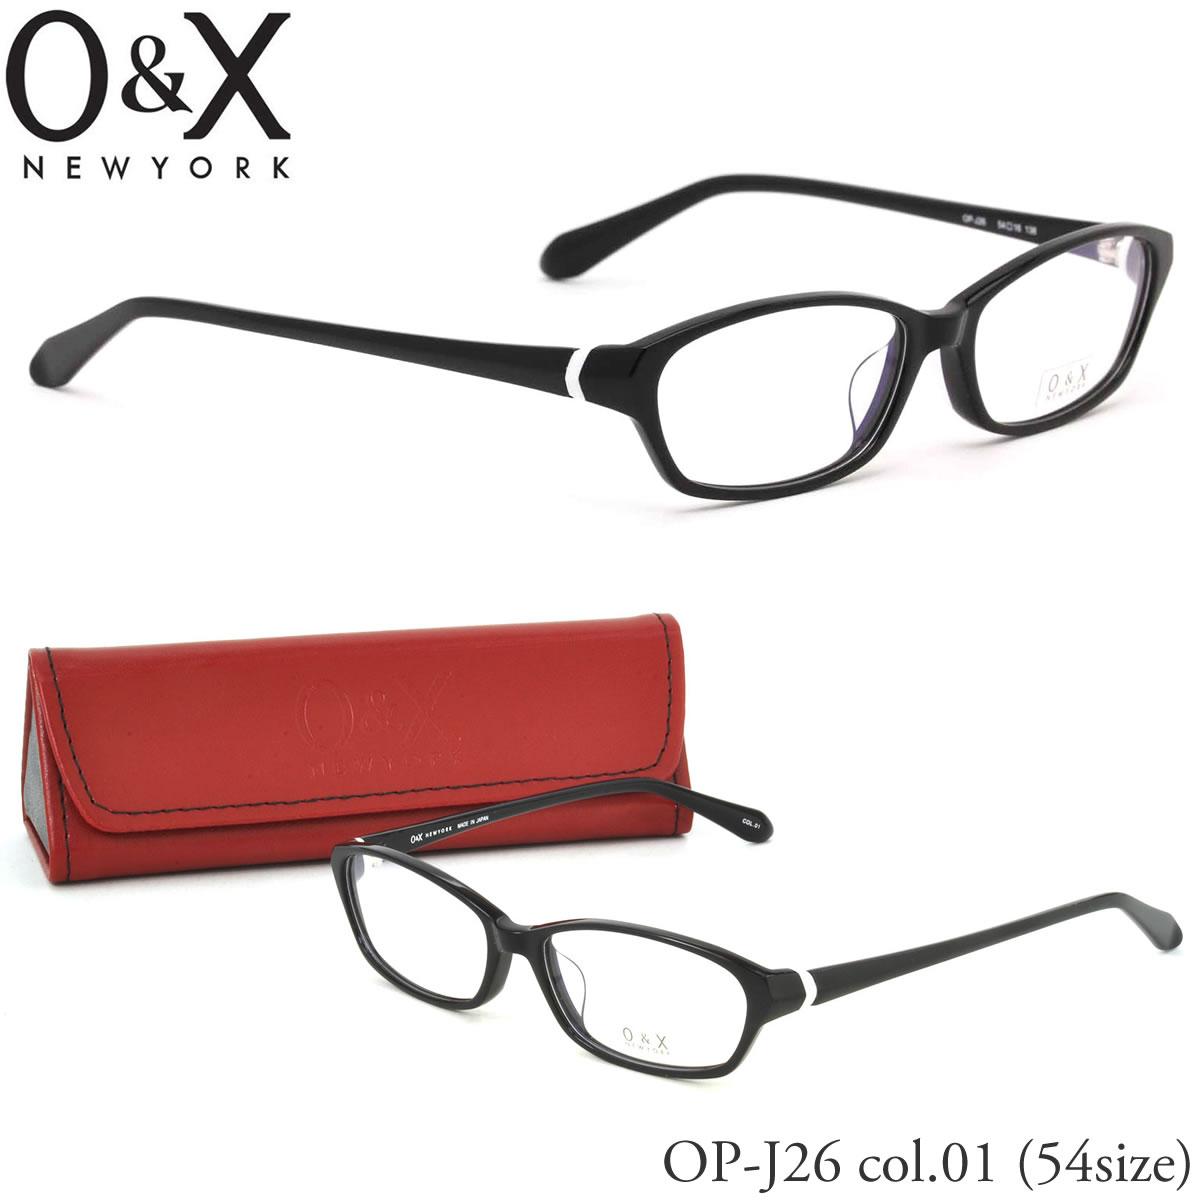 【10月30日からエントリーで全品ポイント20倍】【O&X】(オーアンドエックス) メガネ フレーム OP J26 01 54サイズ スクエア 日本製 オーアンドエックス O&X メンズ レディース